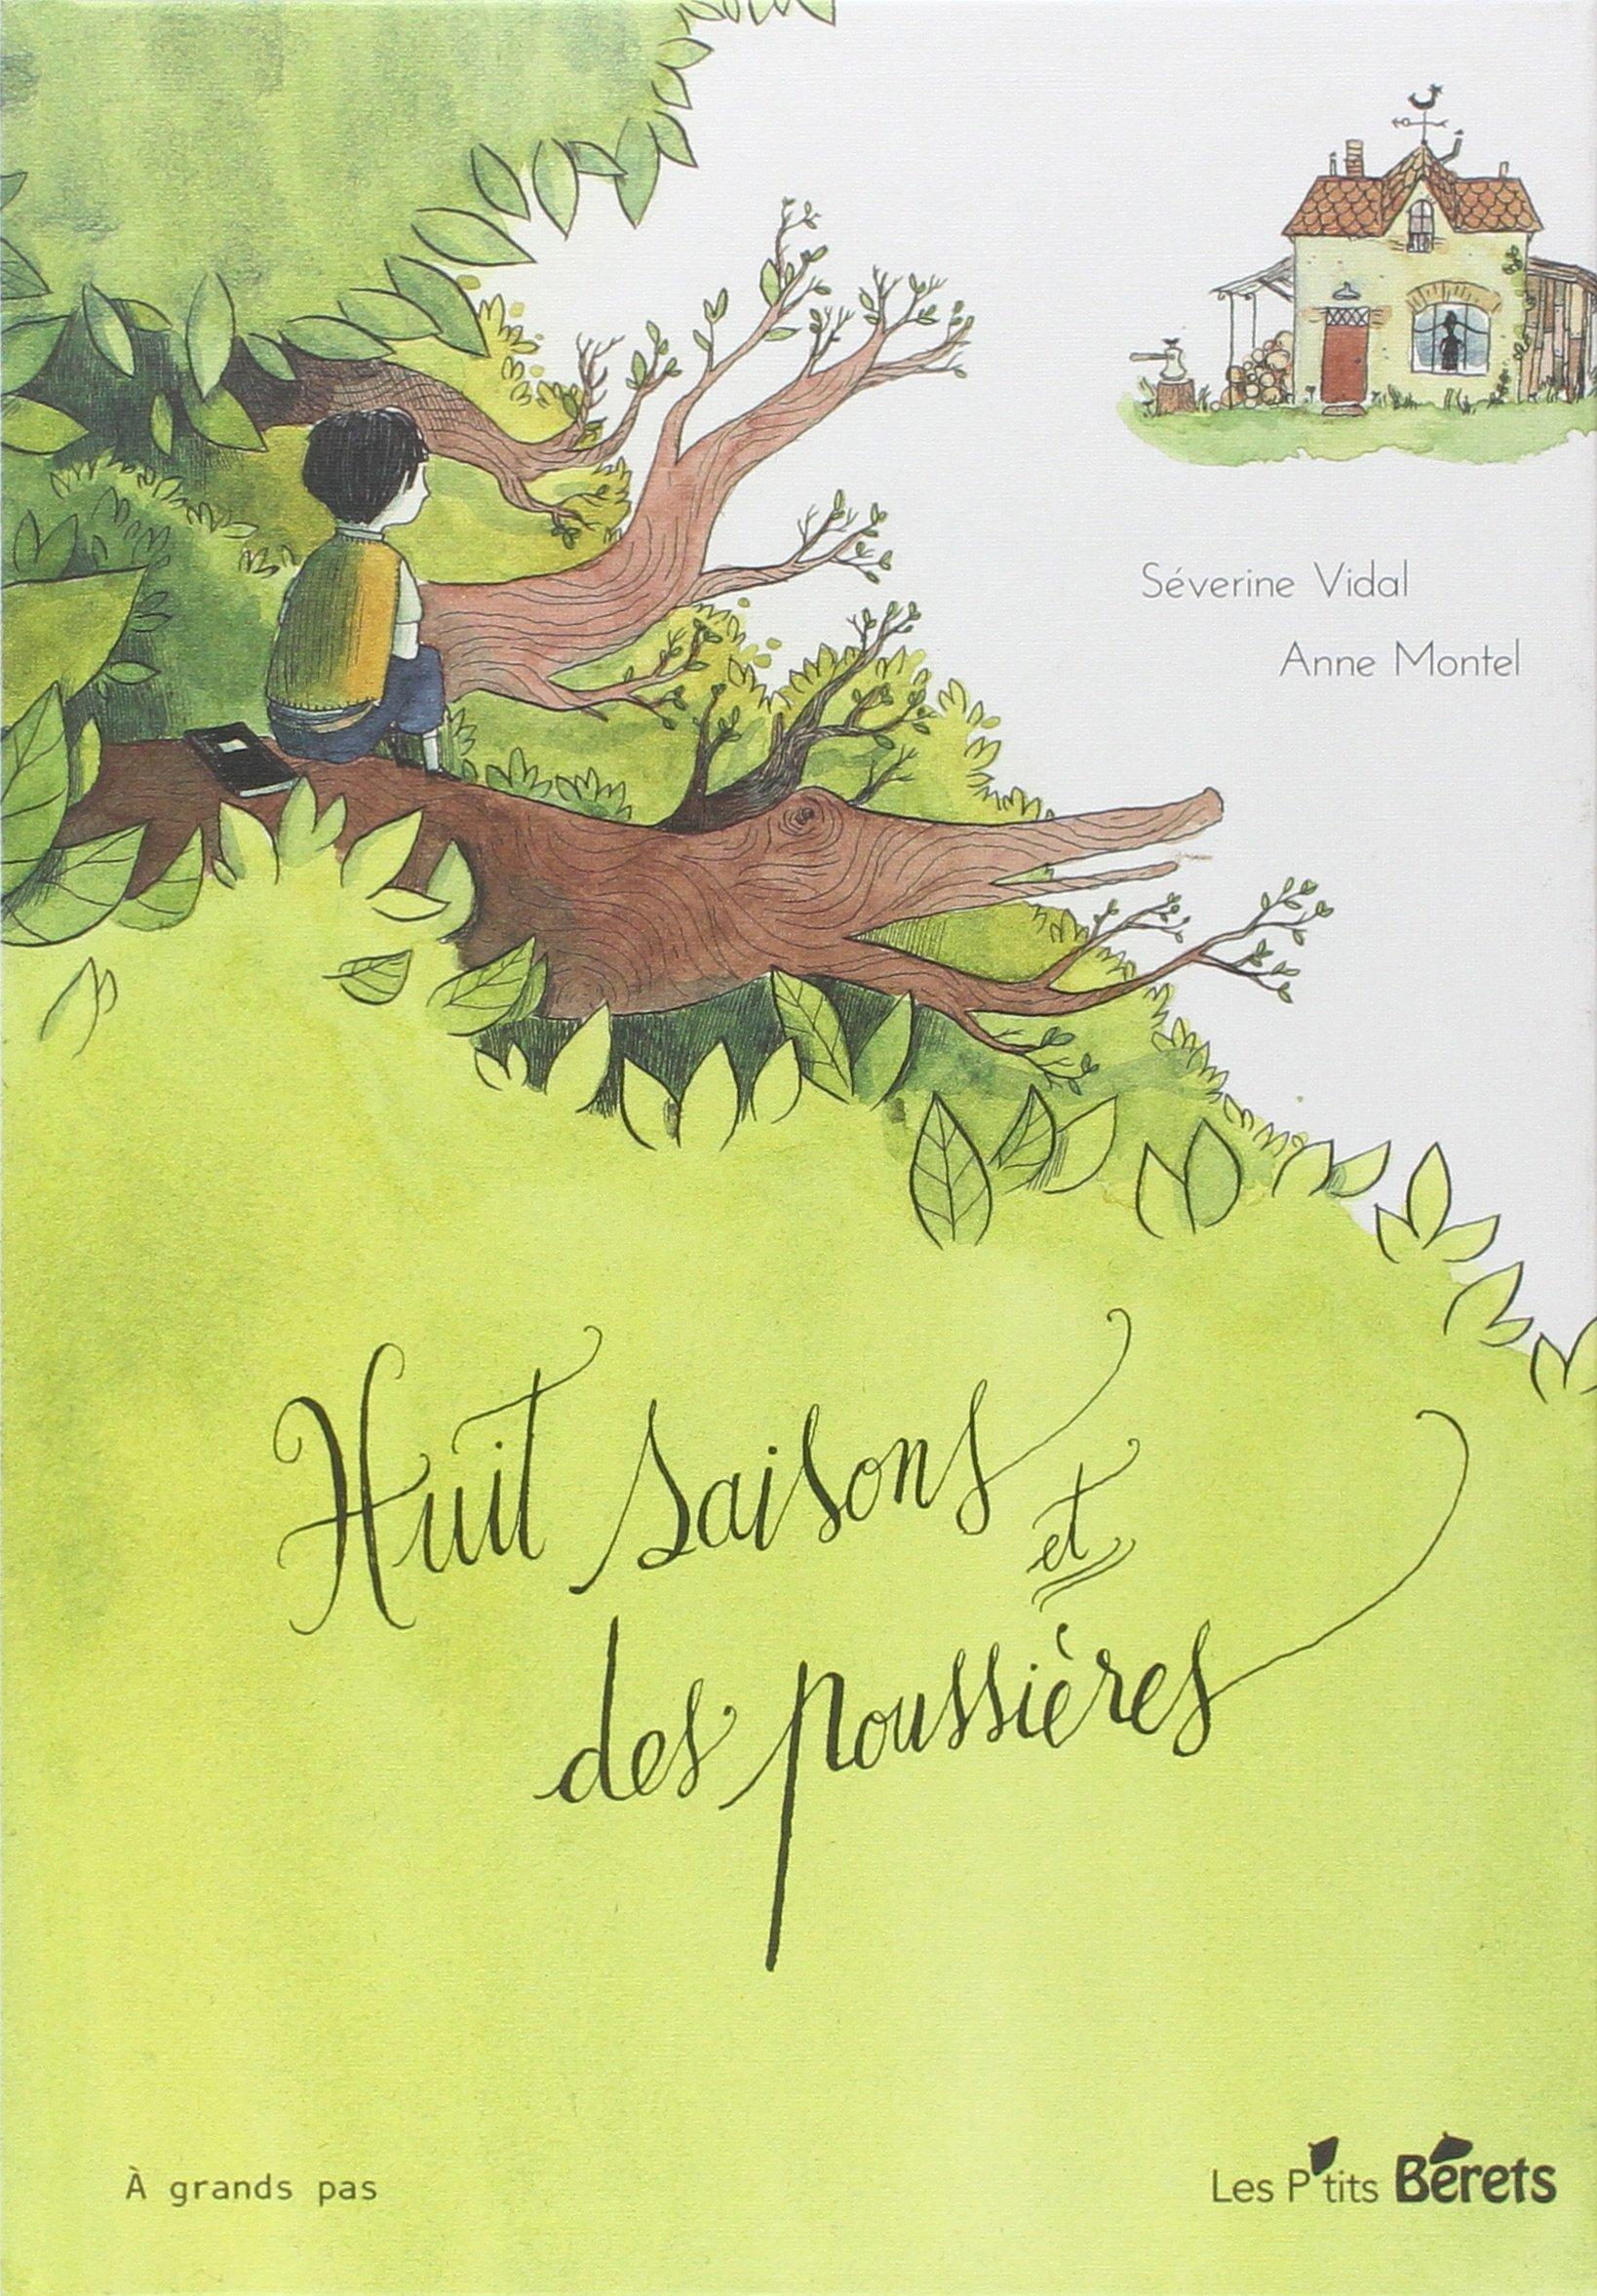 Huit saisons et des poussières by Séverine Vidal